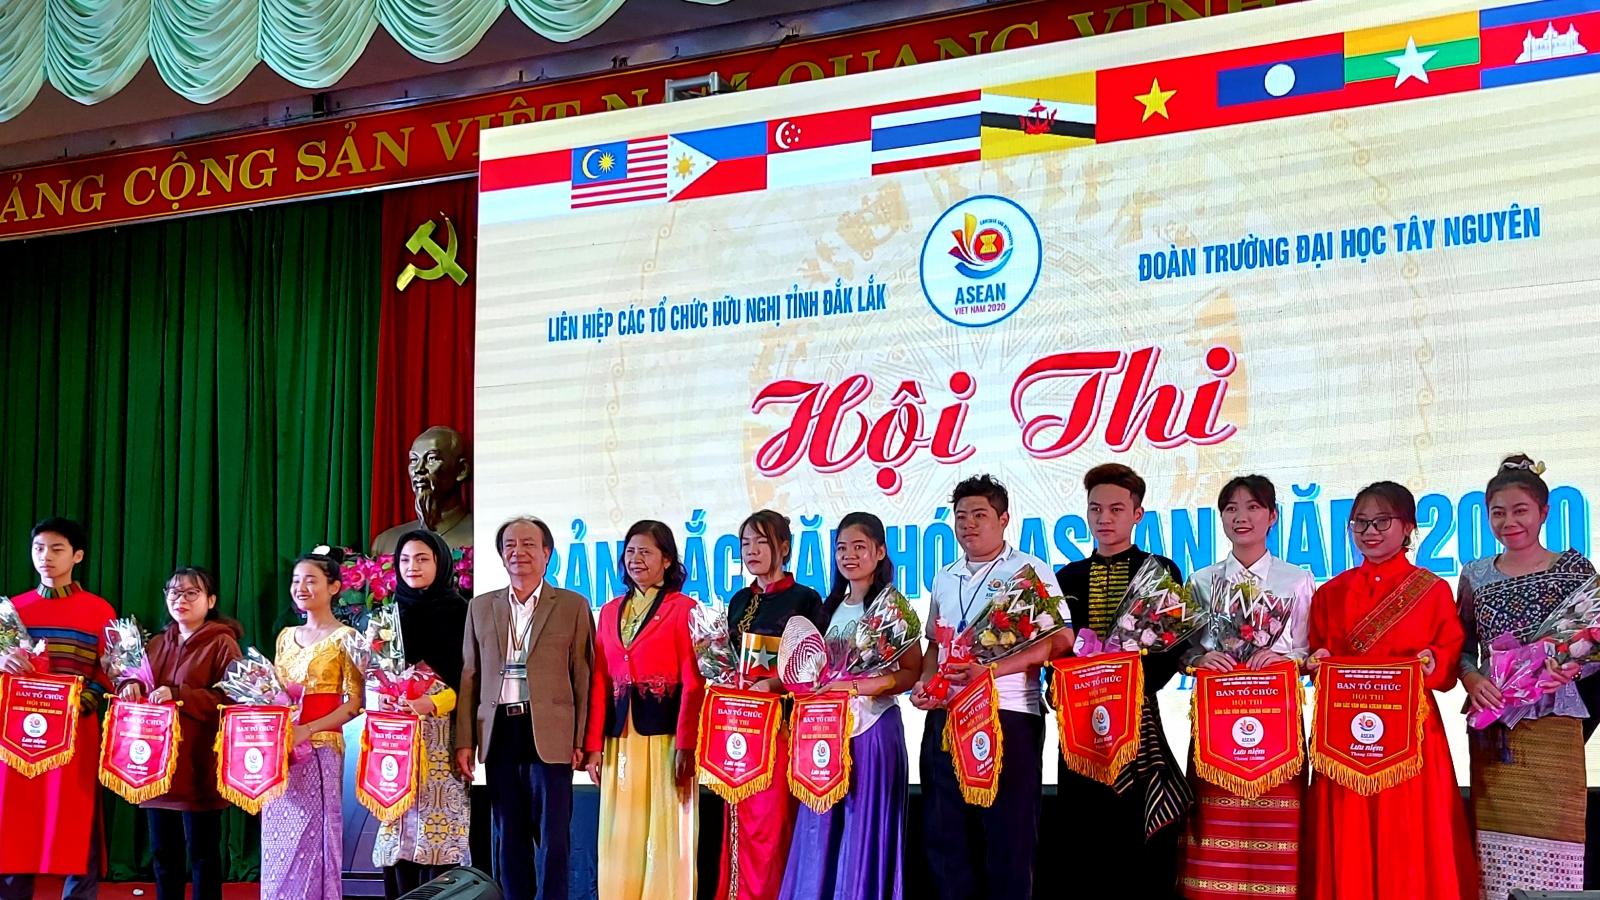 Hội thi Bản sắc văn hóa ASEAN năm 2020 tại Đắk Lắk